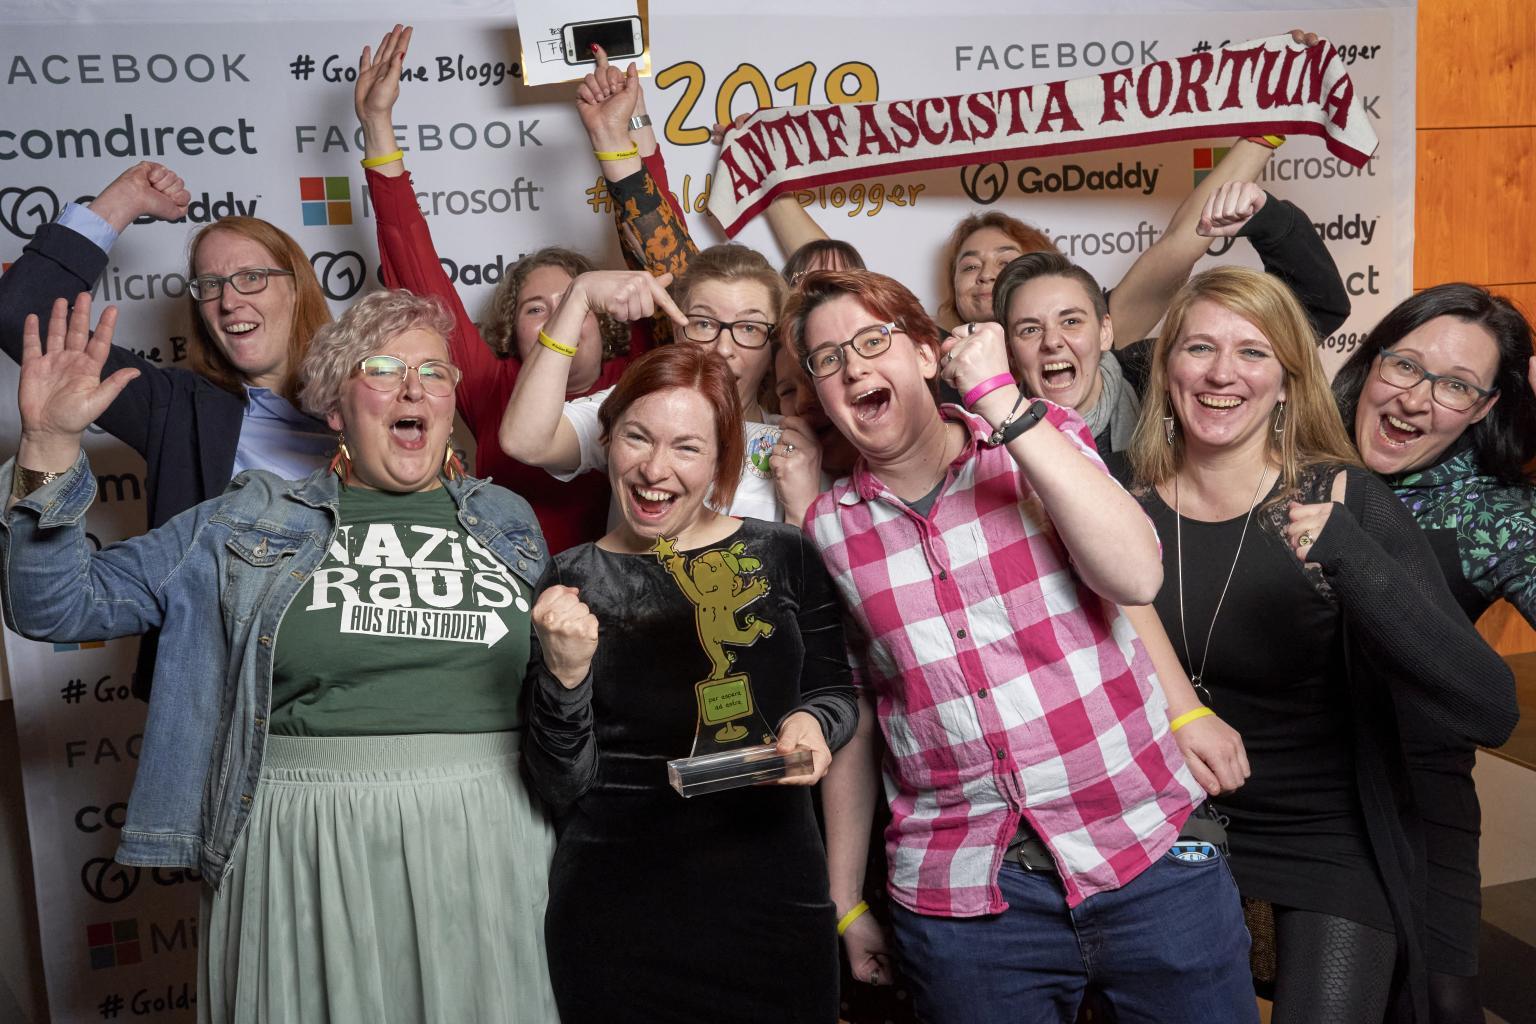 Die FRÜF-Crew mit ihrem Pokal der Goldenen Blogger bei der Preisverleihung. Alle jubeln begeistert, reißen die Hände in die Luft und freuen sich.